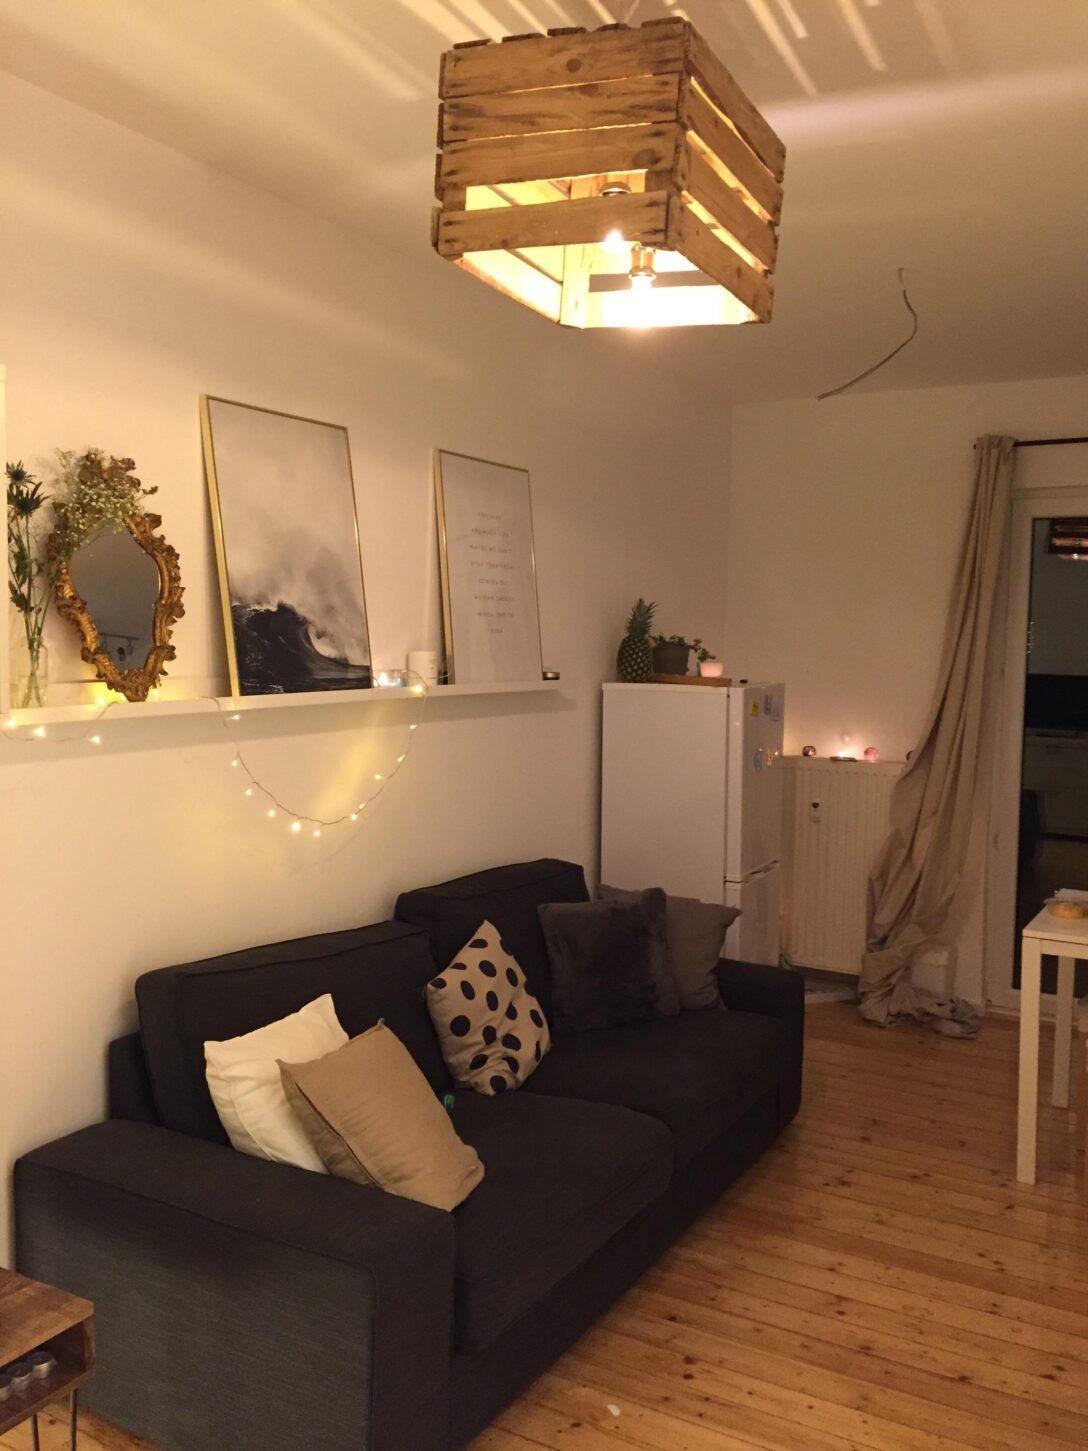 Large Size of Lampen Wohnzimmer Mit Diy Lampe Ikea Desenio Scandi L Deckenleuchte Kommode Stehlampe Tapeten Ideen Sideboard Vorhänge Wohnwand Bad Led Moderne Liege Wohnzimmer Lampen Wohnzimmer